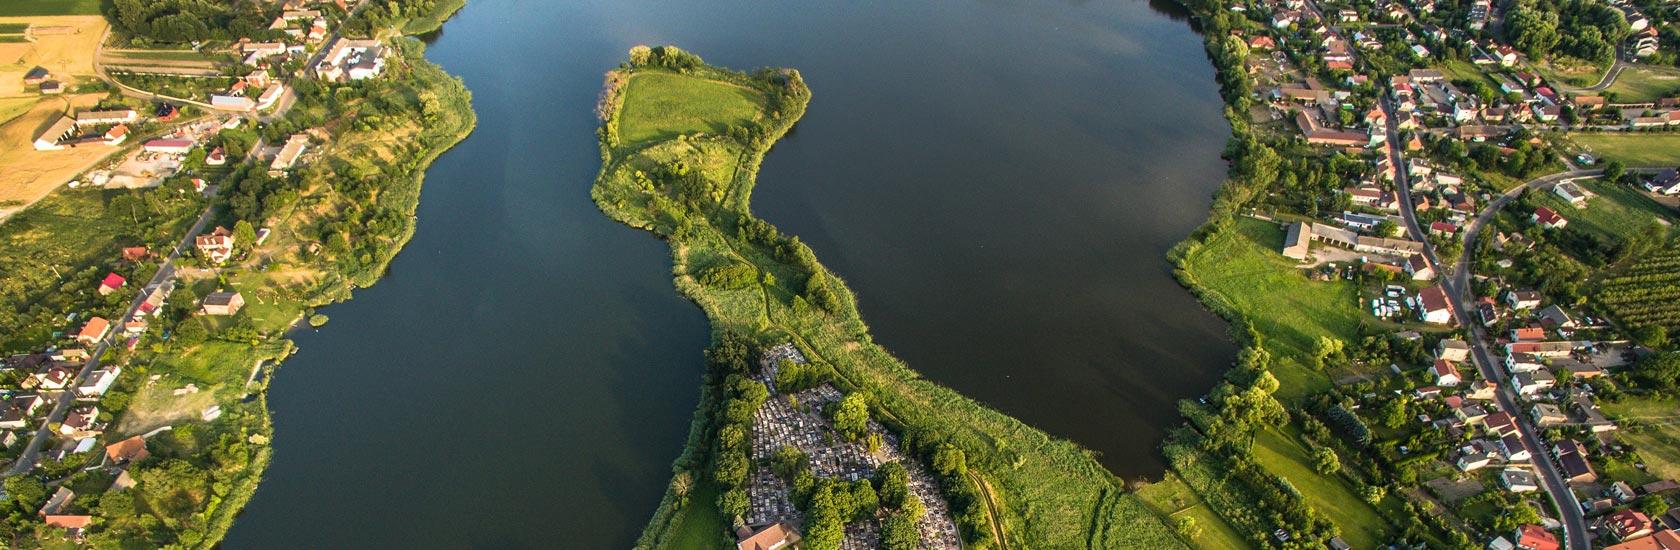 Półwysep Szyja - Bnin - fot. Tomasz Siuda - zdrona.com